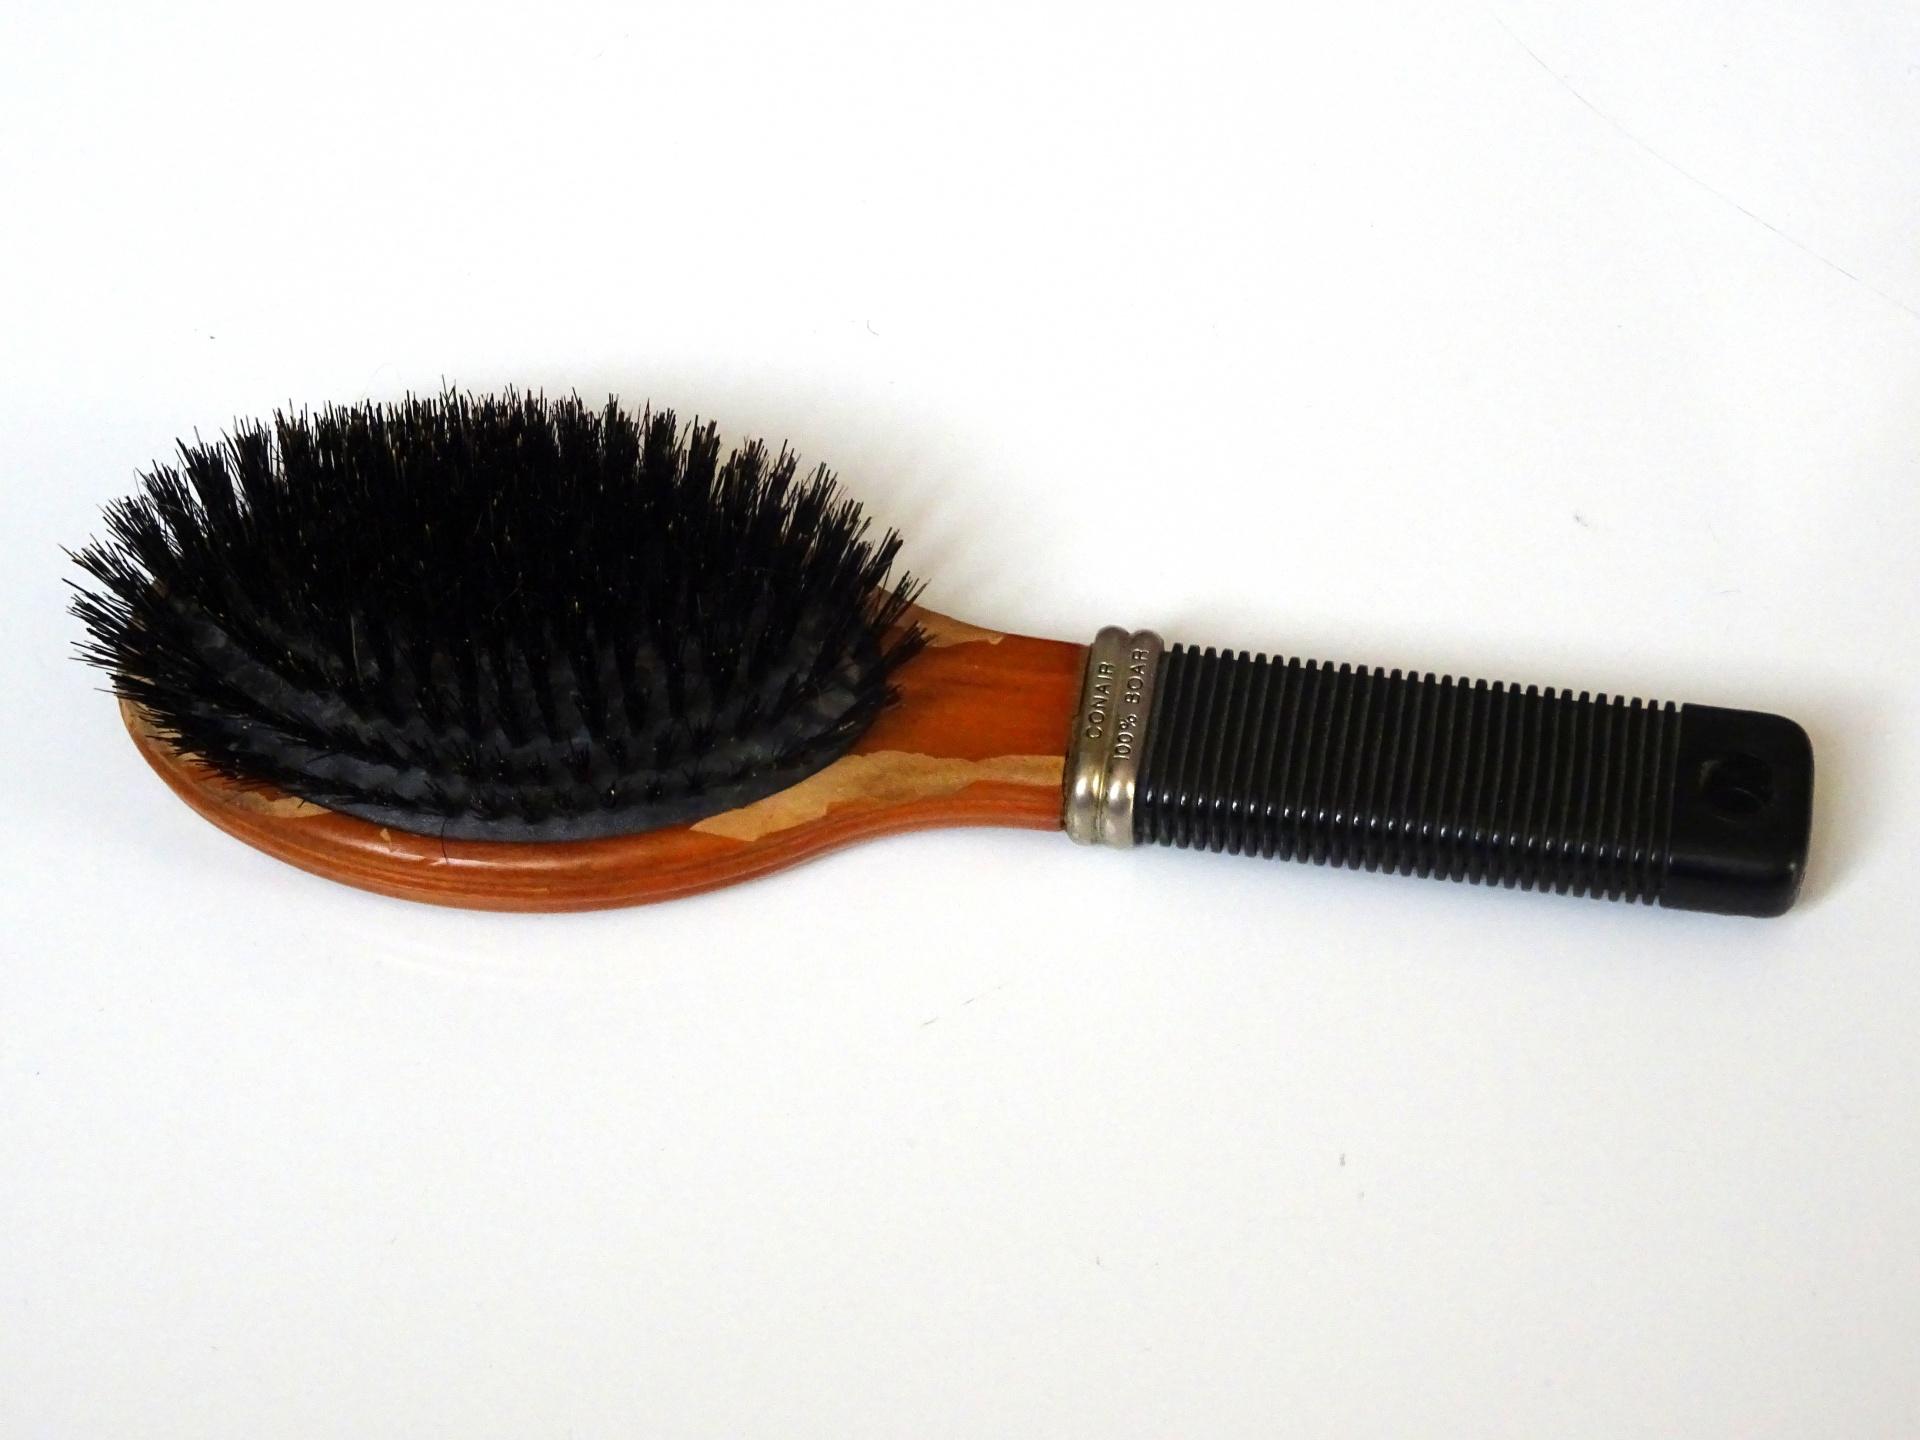 mejor cepillo para el pelo de cerdas naturalesS